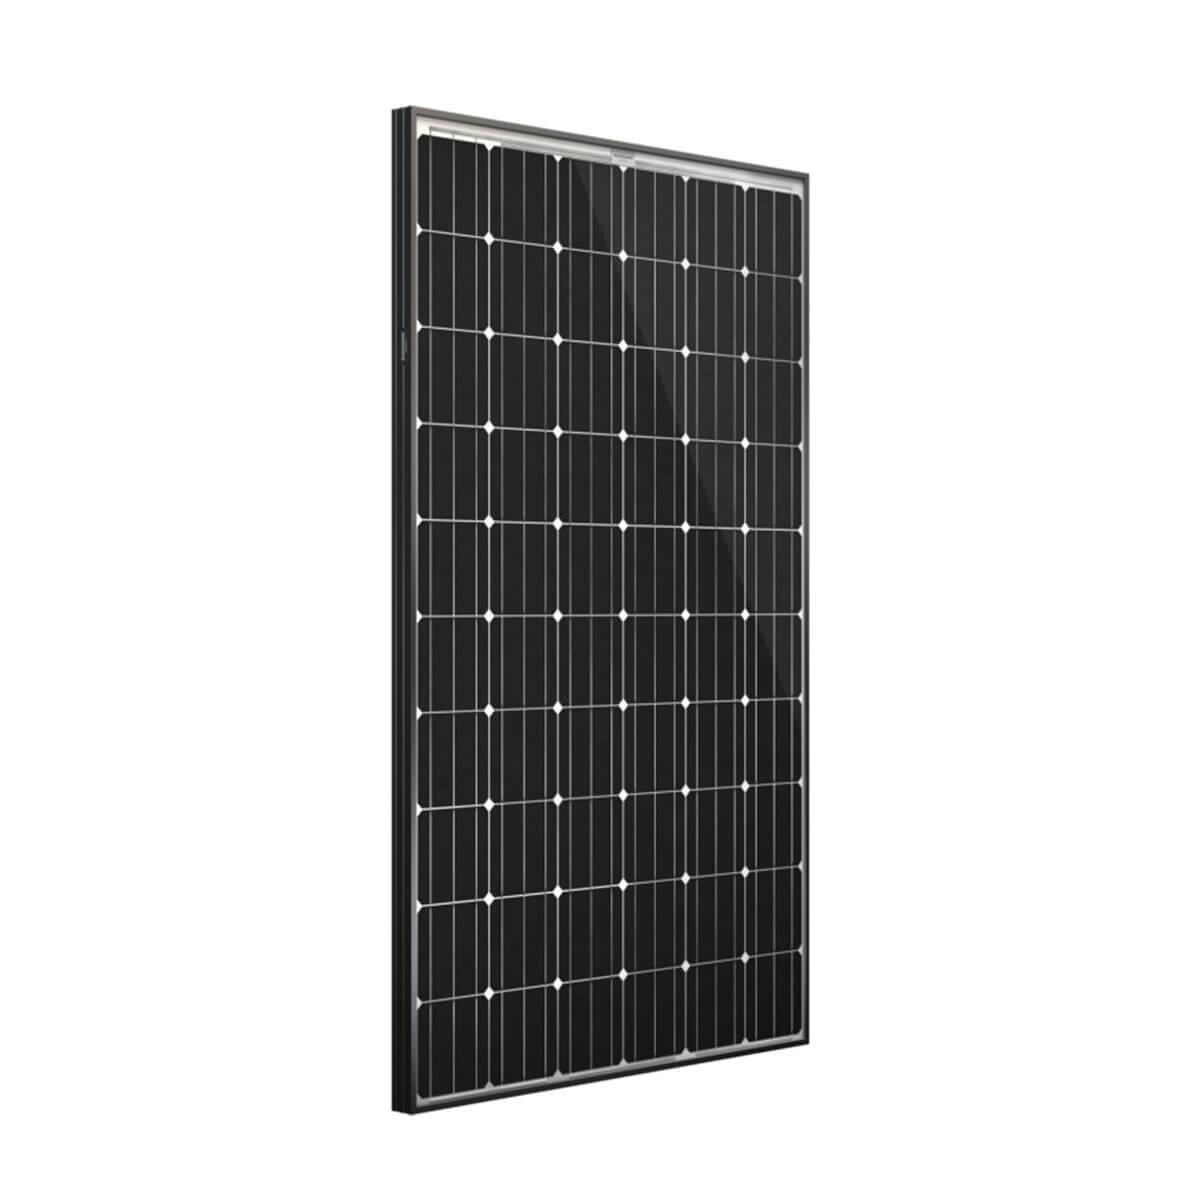 ankara solar 300W panel, ankara solar 300Watt panel, ankara solar 300 W panel, ankara solar 300 Watt panel, ankara solar 300 Watt monokristal panel, ankara solar 300 W watt gunes paneli, ankara solar 300 W watt monokristal gunes paneli, ankara solar 300 W Watt fotovoltaik monokristal solar panel, ankara solar 300W monokristal gunes enerjisi, ankara solar AS-M60-300W panel, ANKARA SOLAR 300 WATT